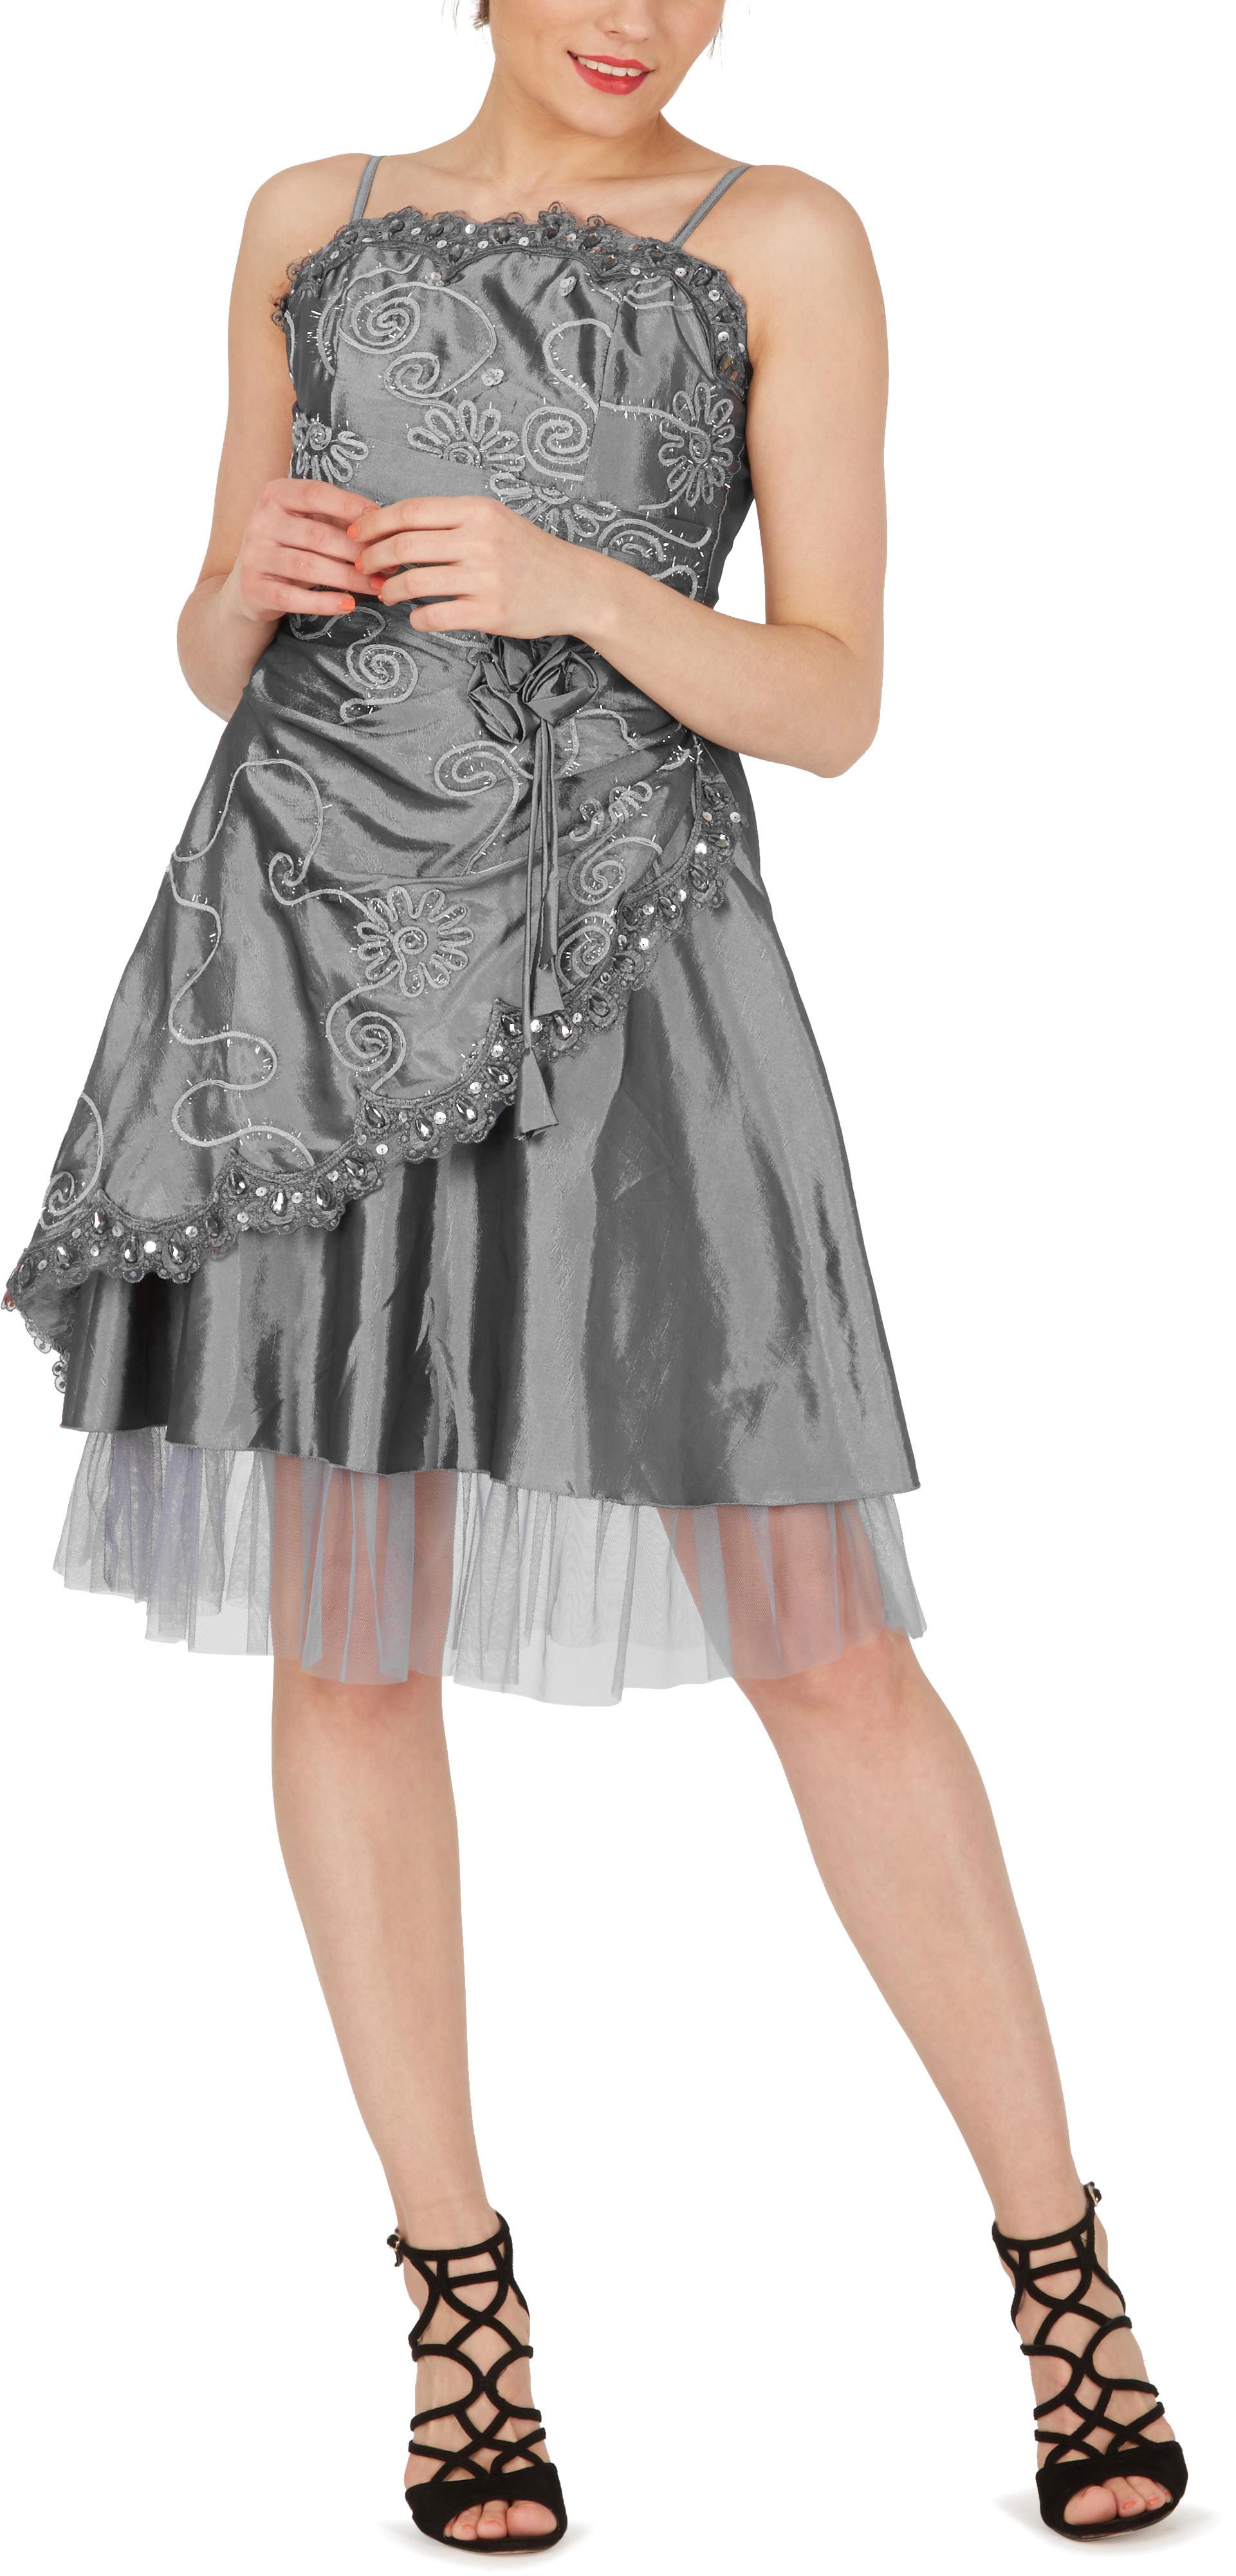 """/""""Opal/"""" RASO CUORE Gioiello Cocktail Sera Party Prom Dress"""